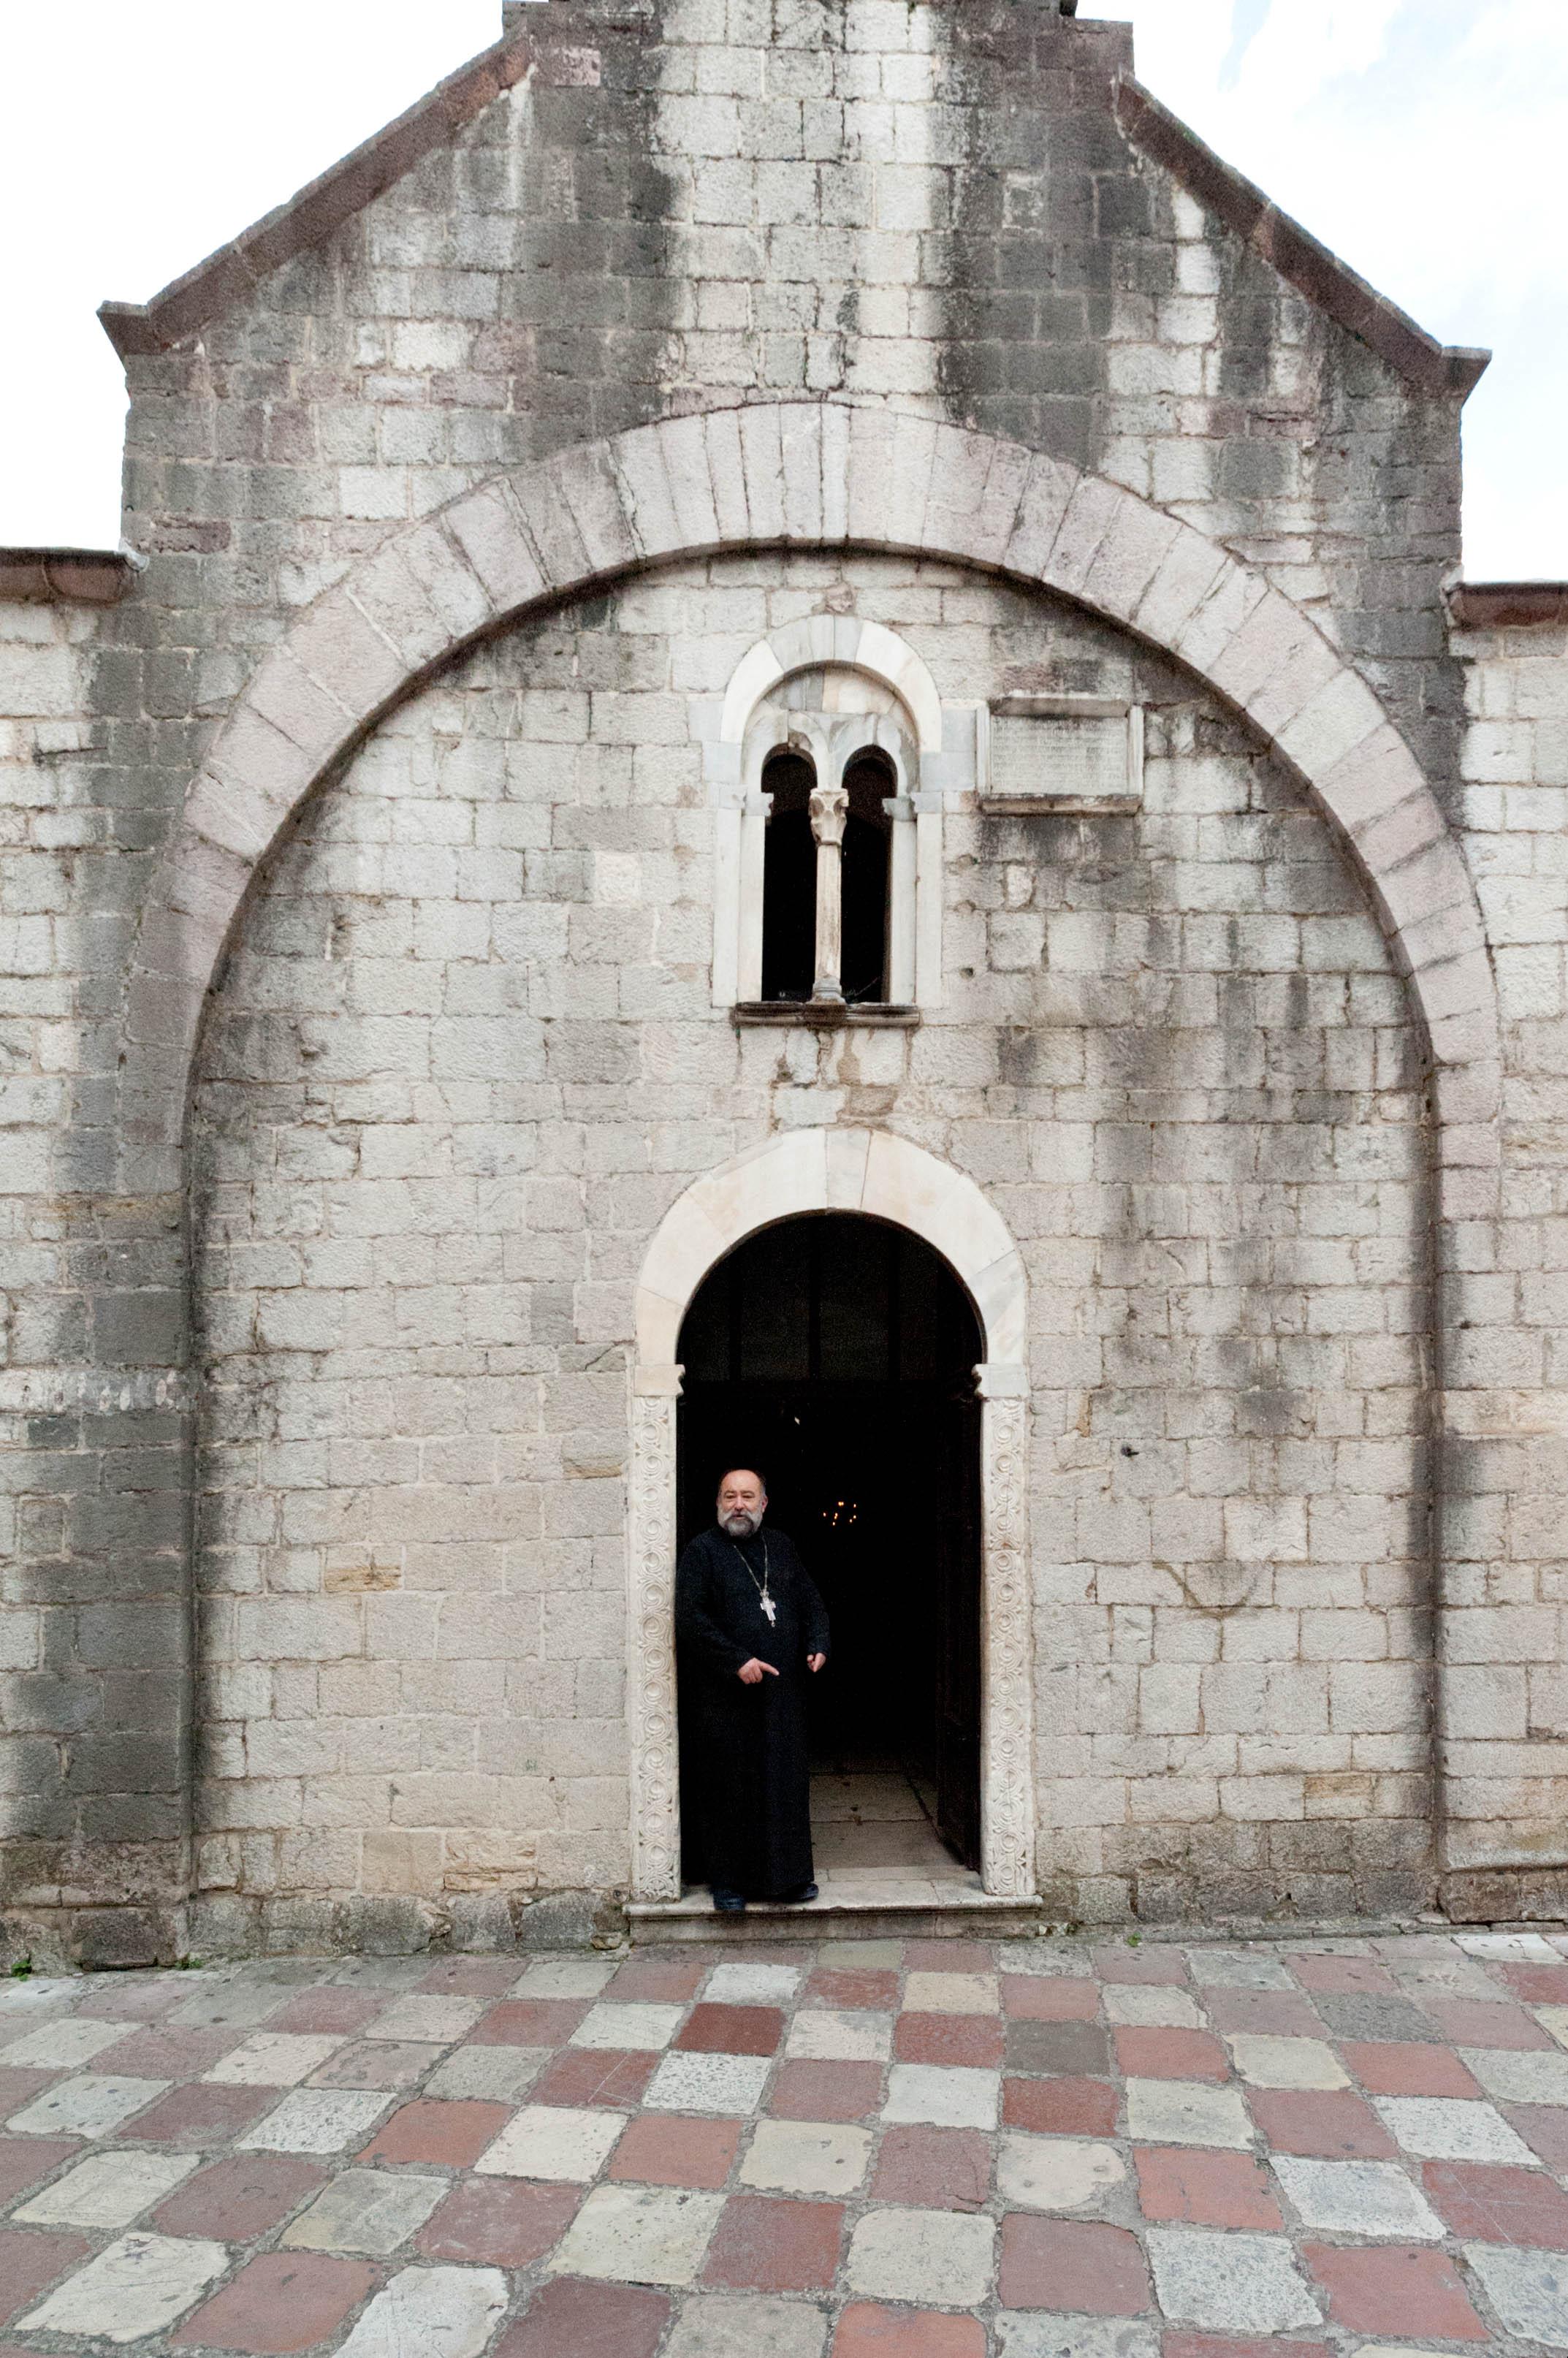 0252-2-Kotor (Montenegro)